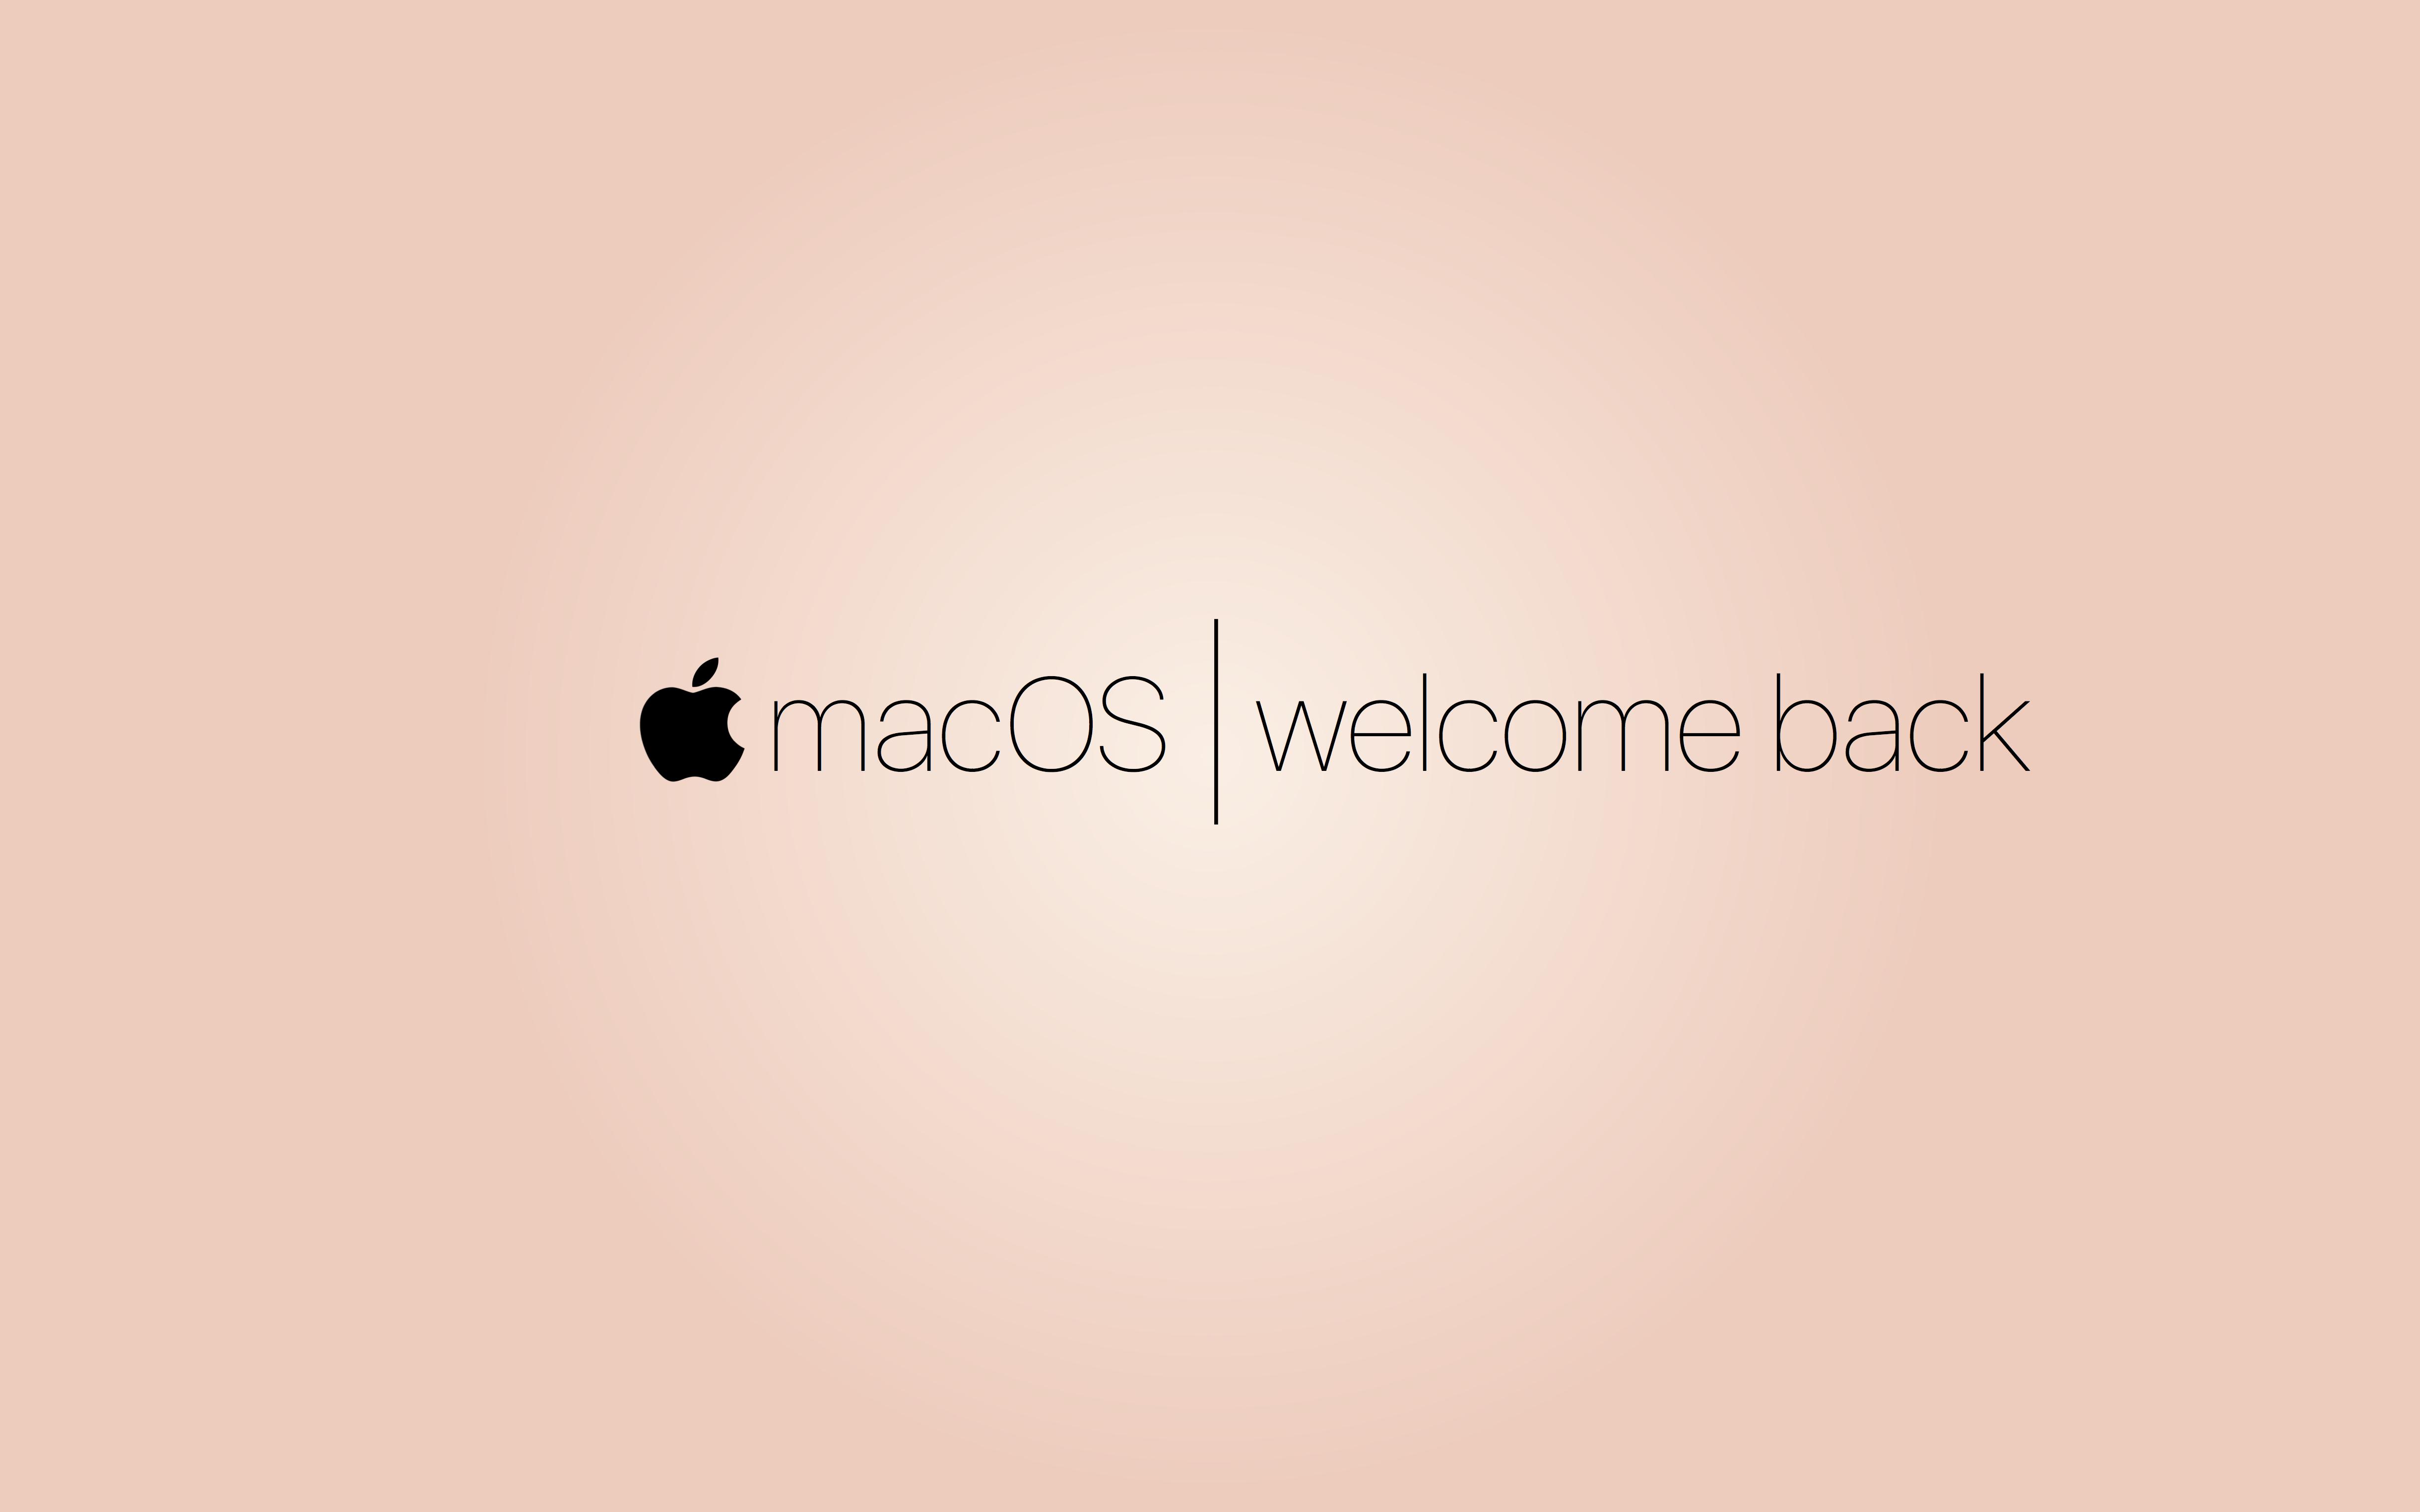 macOS | Welcome back - rg.jpg